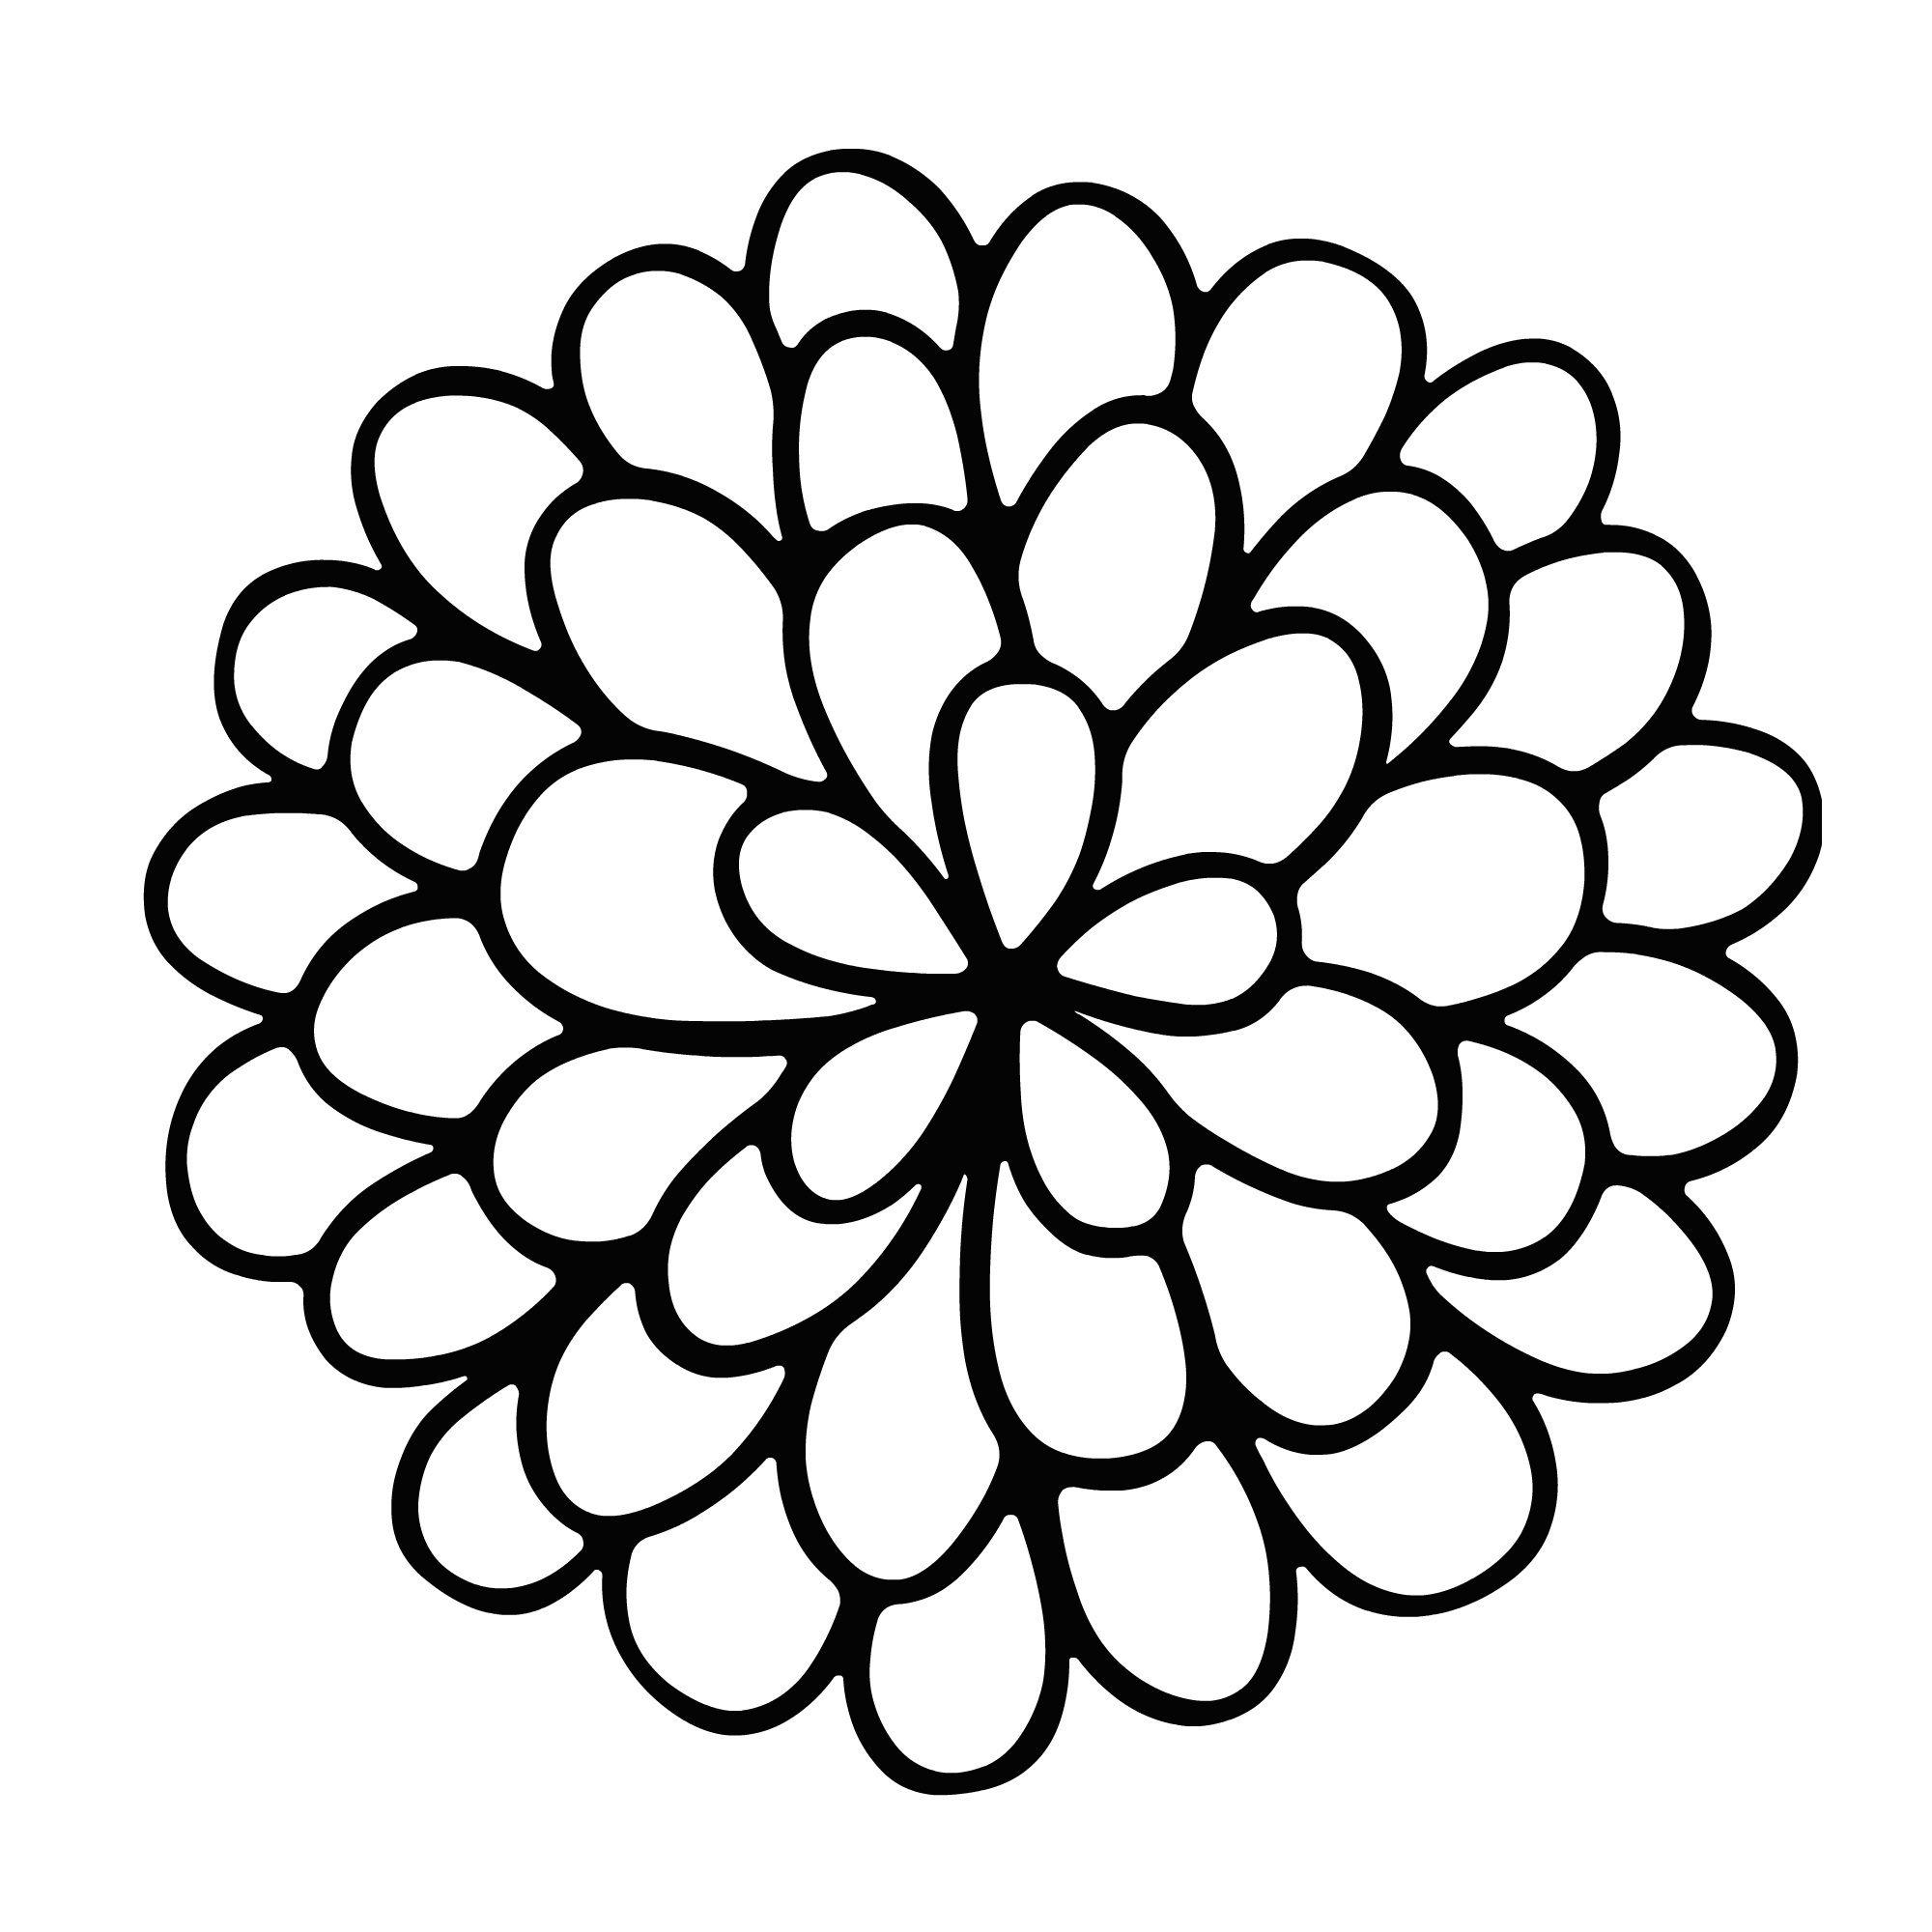 2000x2000 easy drawings for beginners flowers easy drawings for beginners